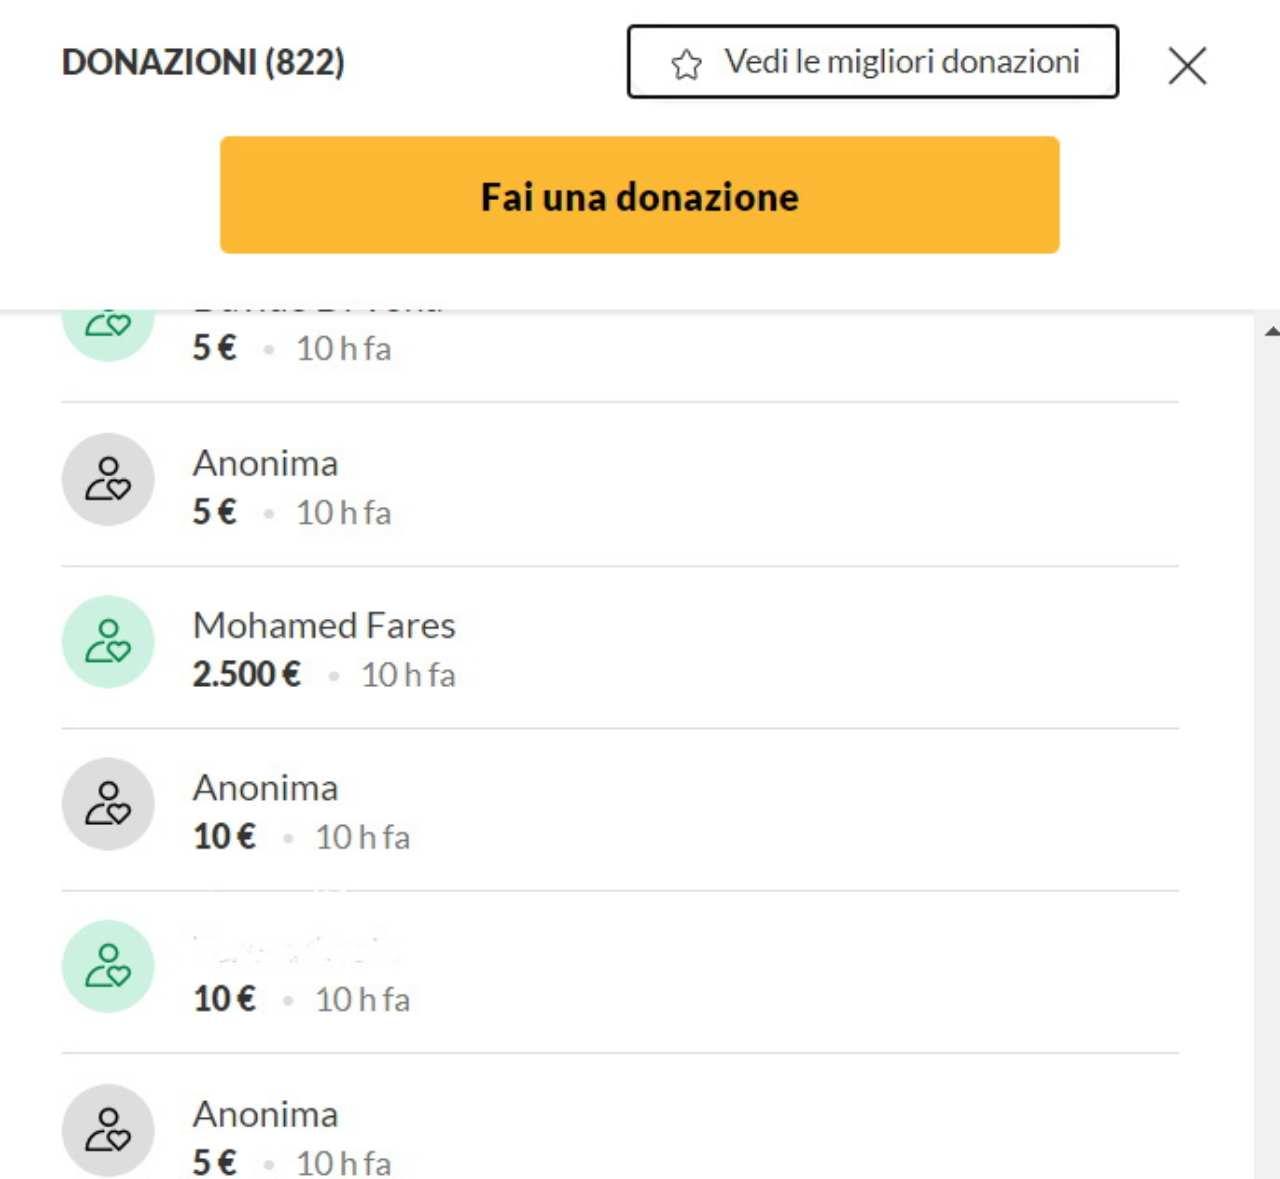 La donazione di Fares